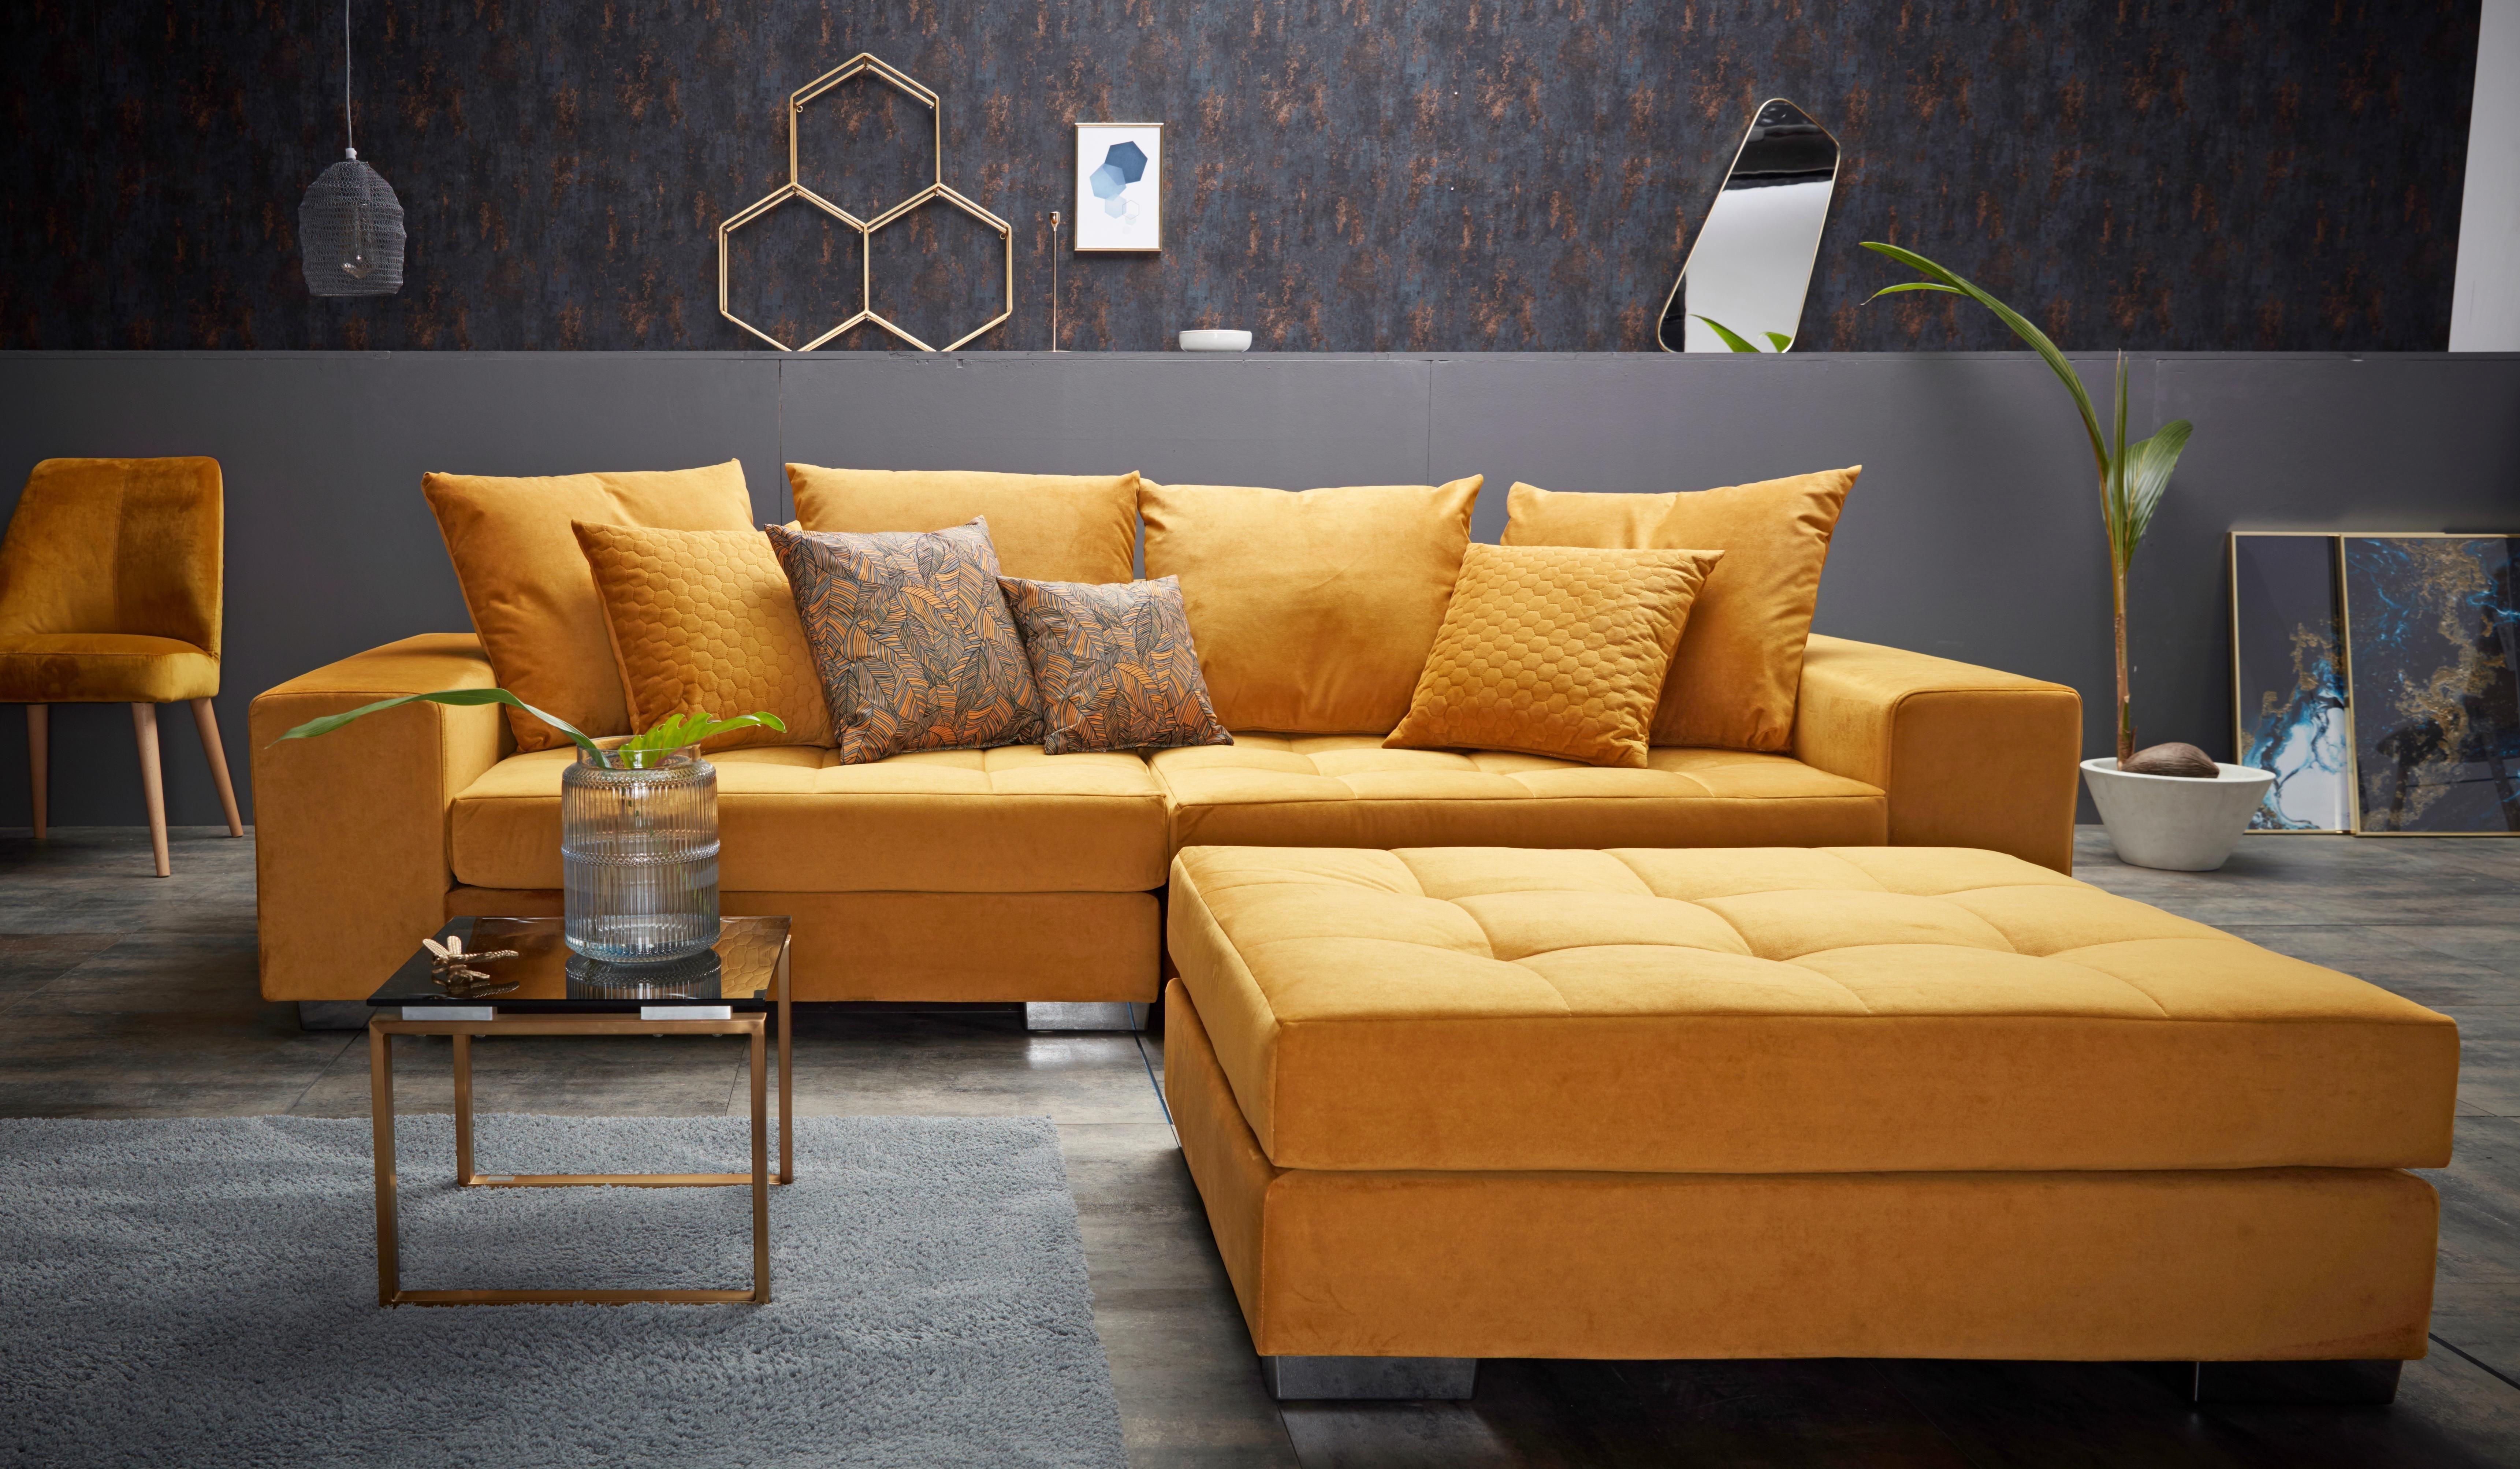 Inosign Big Sofa Vale Mit Steppung Im Sitzbereich Federkern Und Zierkissen Auf Raten Kaufen Quelle De Grosse Sofas Wohnen Sofa